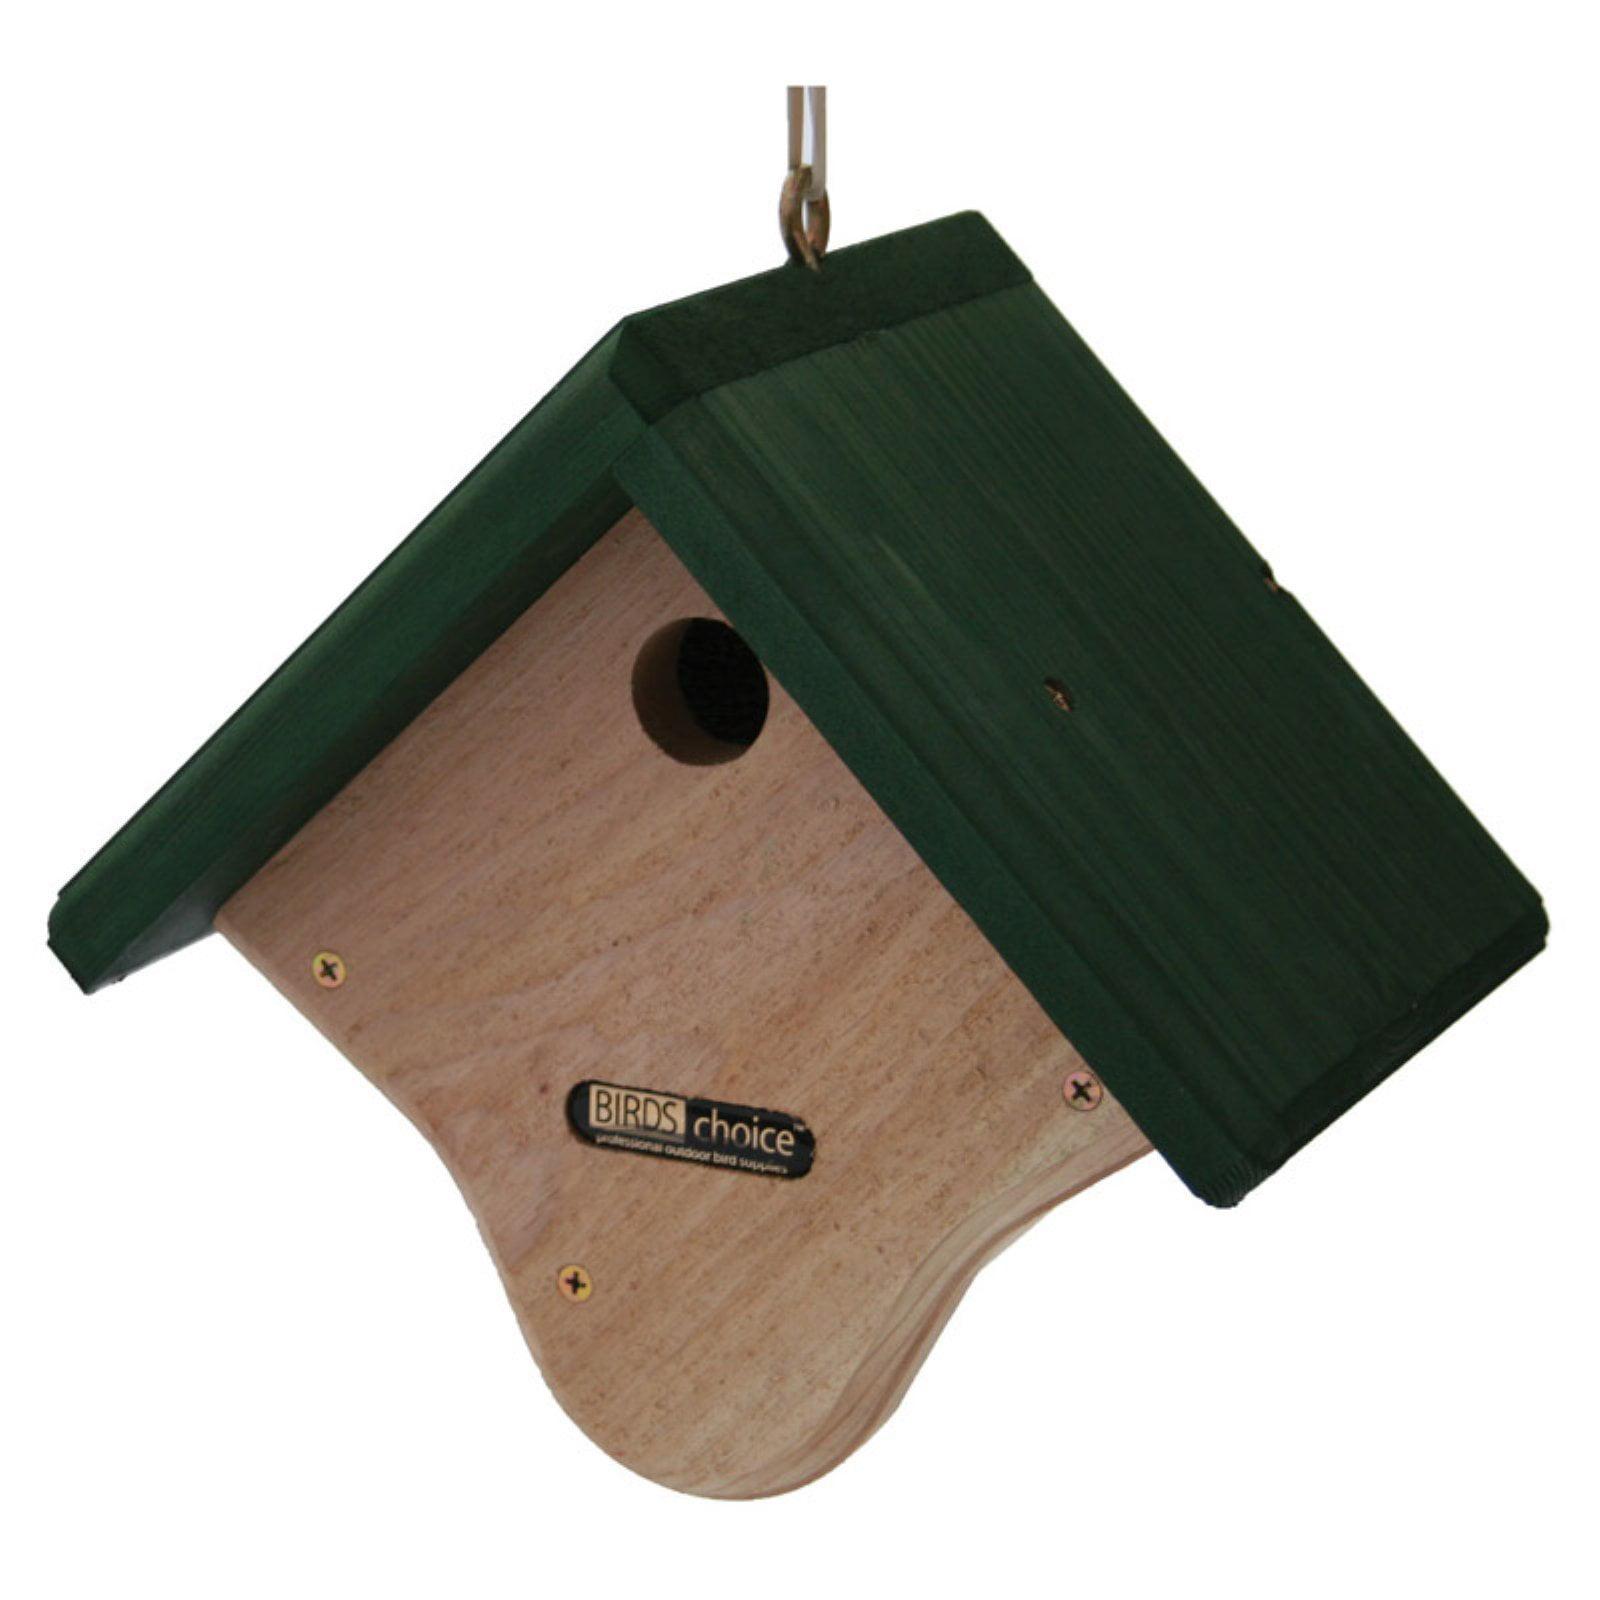 Birds Choice Classic Wren House Bird House - Green Roof